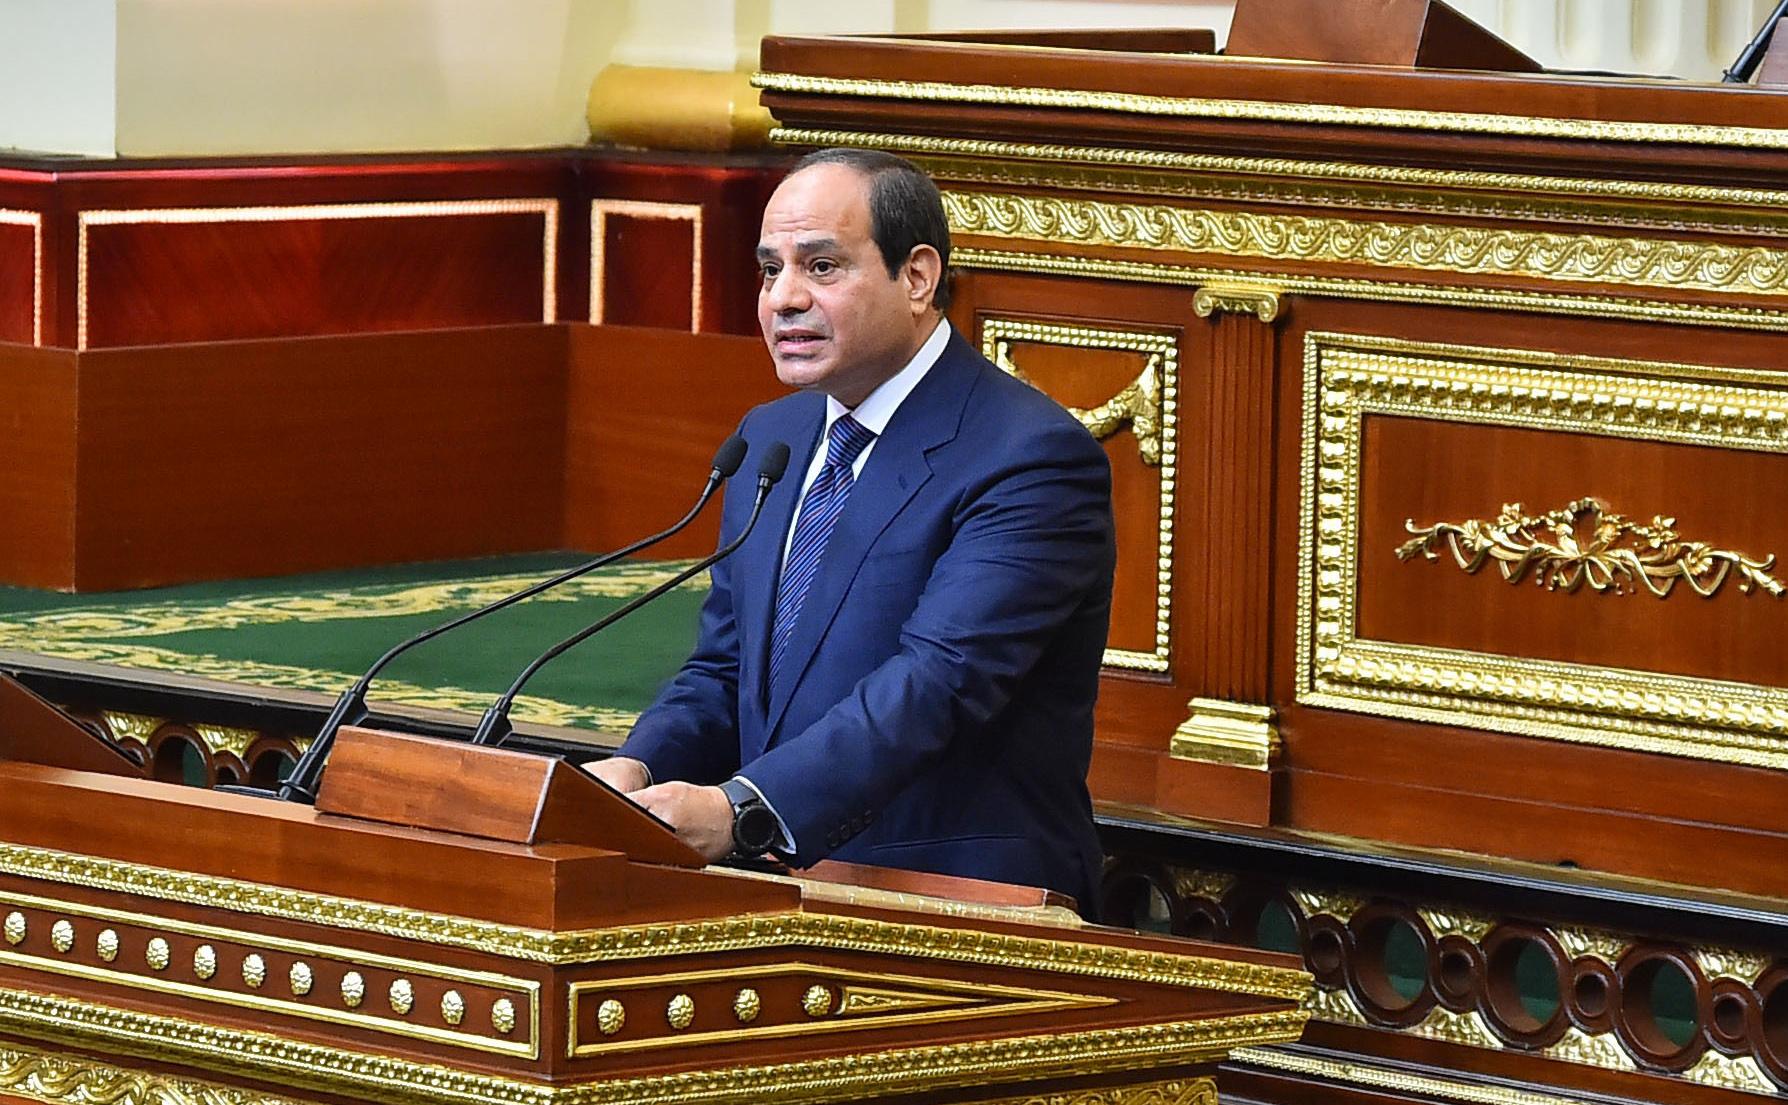 Egyiptomban népszavazáson hagyták jóvá az elnöki mandátum meghosszabbítását